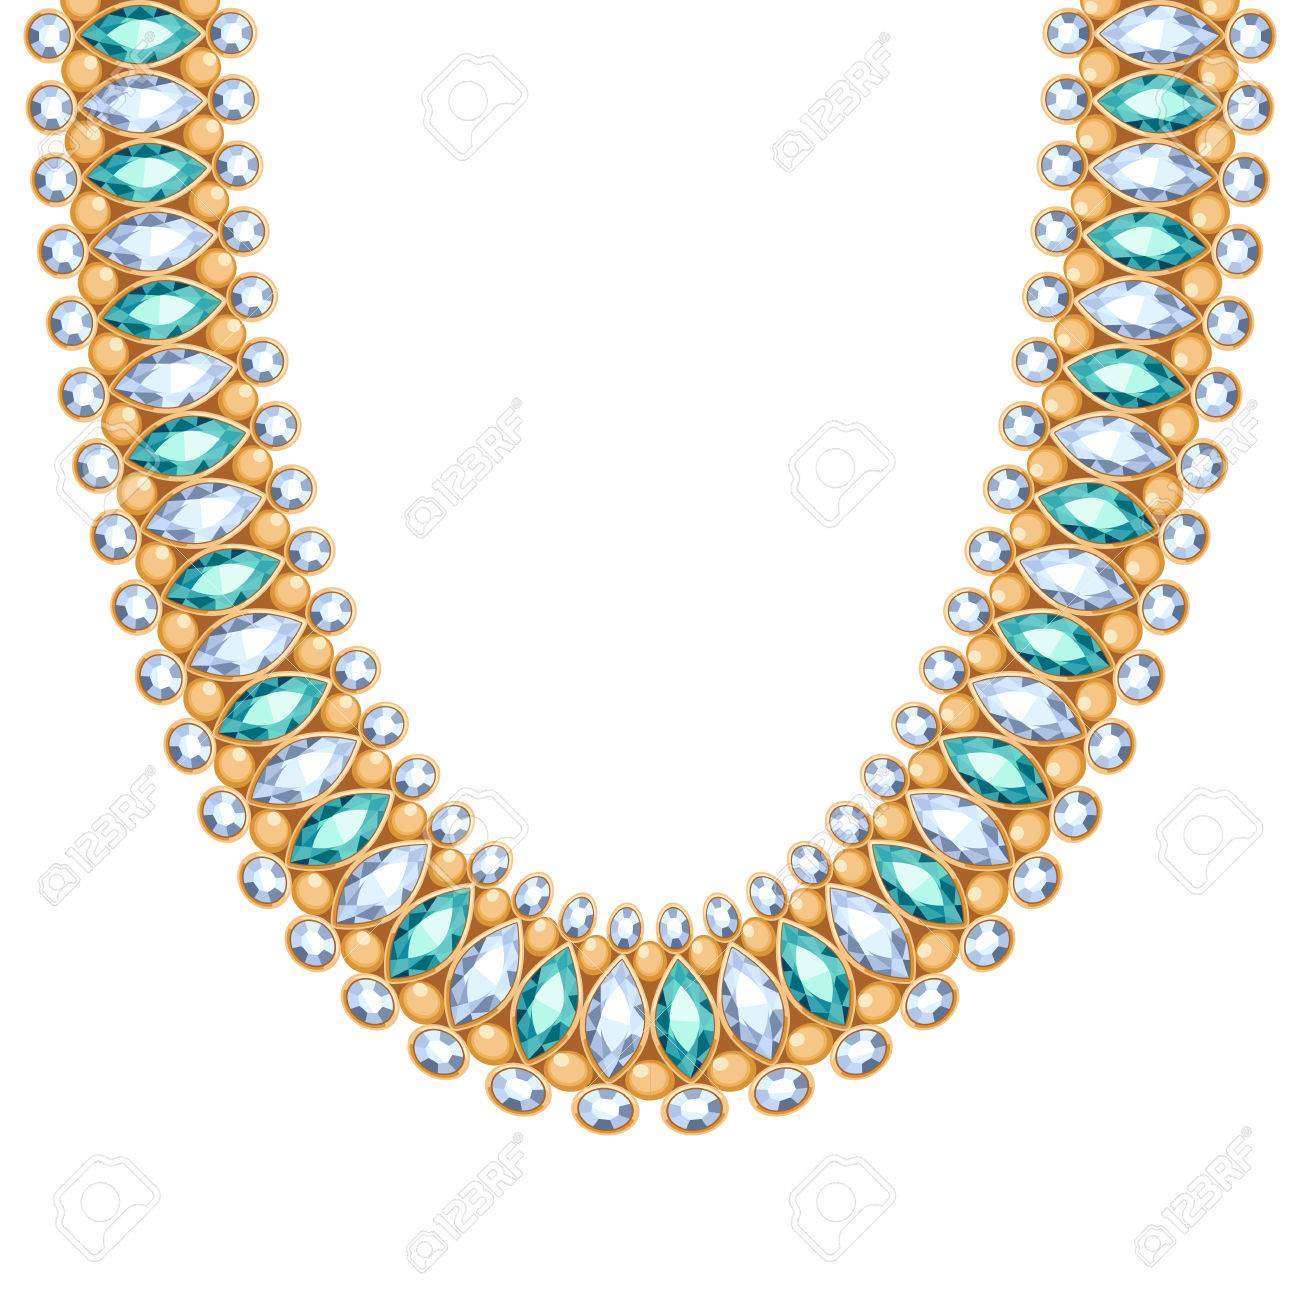 b2d78c25b65b Foto de archivo - Piedras preciosas diamantes y esmeraldas cadena collar o  una pulsera de oro. Diseño personal accesorio de moda de estilo indio  étnico.